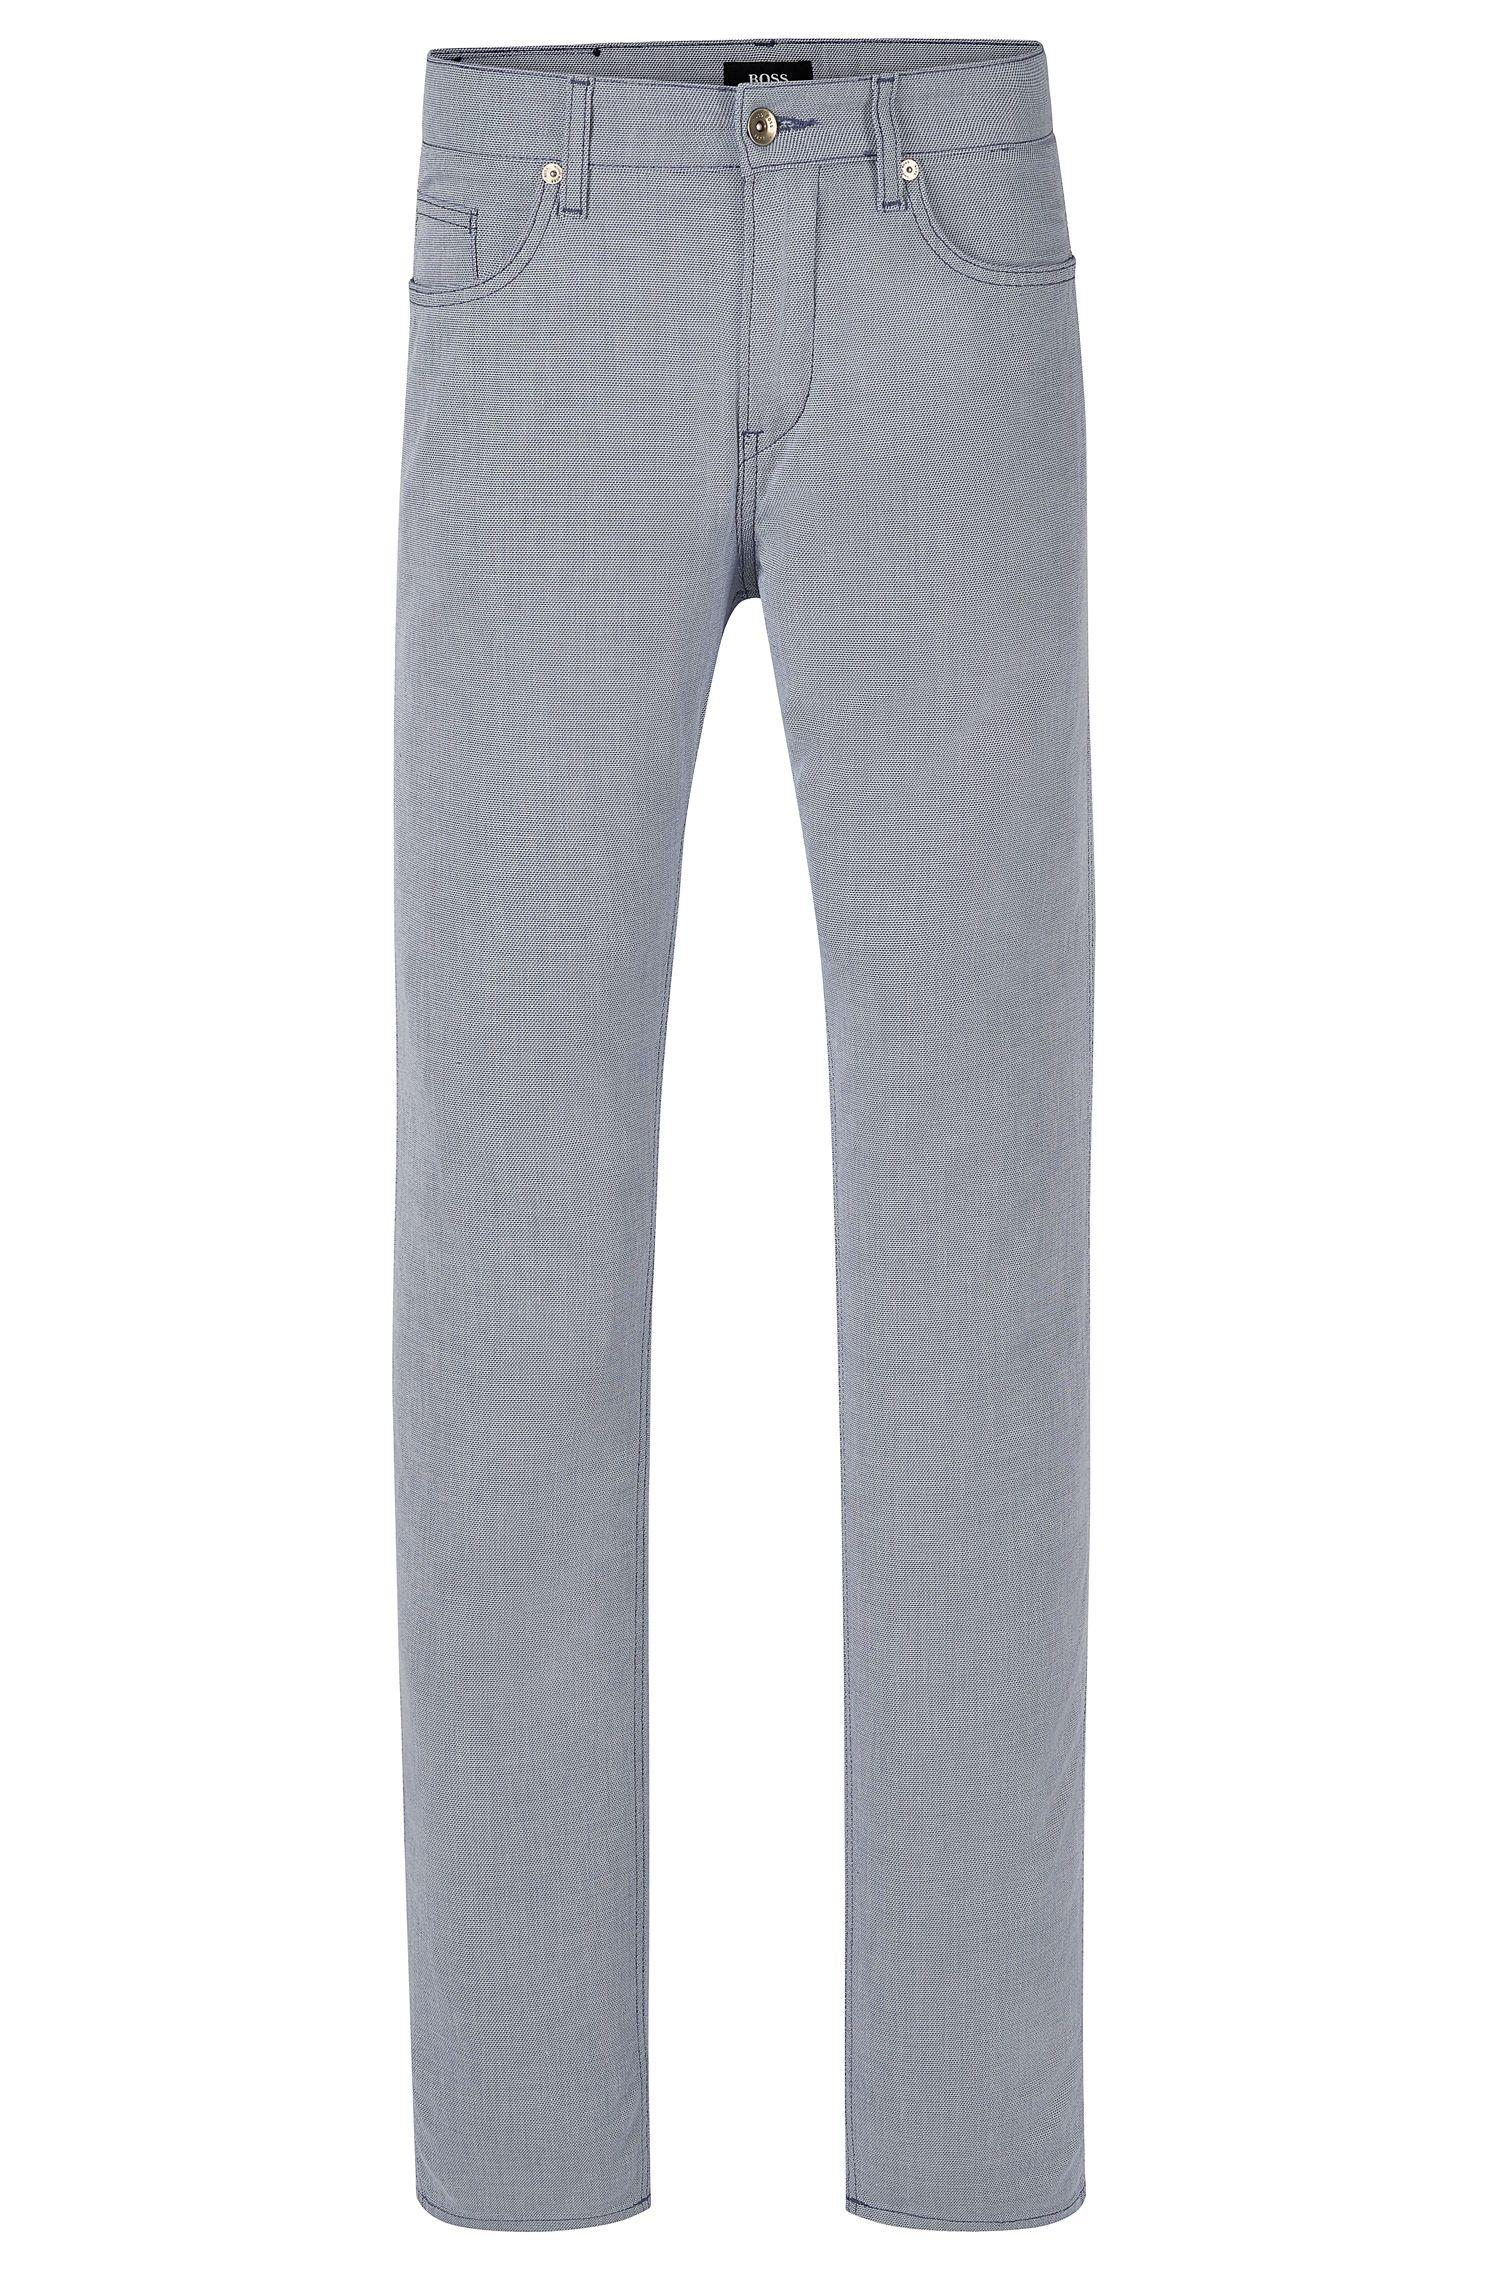 'Delaware' | Slim Fit, 11 oz Stretch Cotton Pants